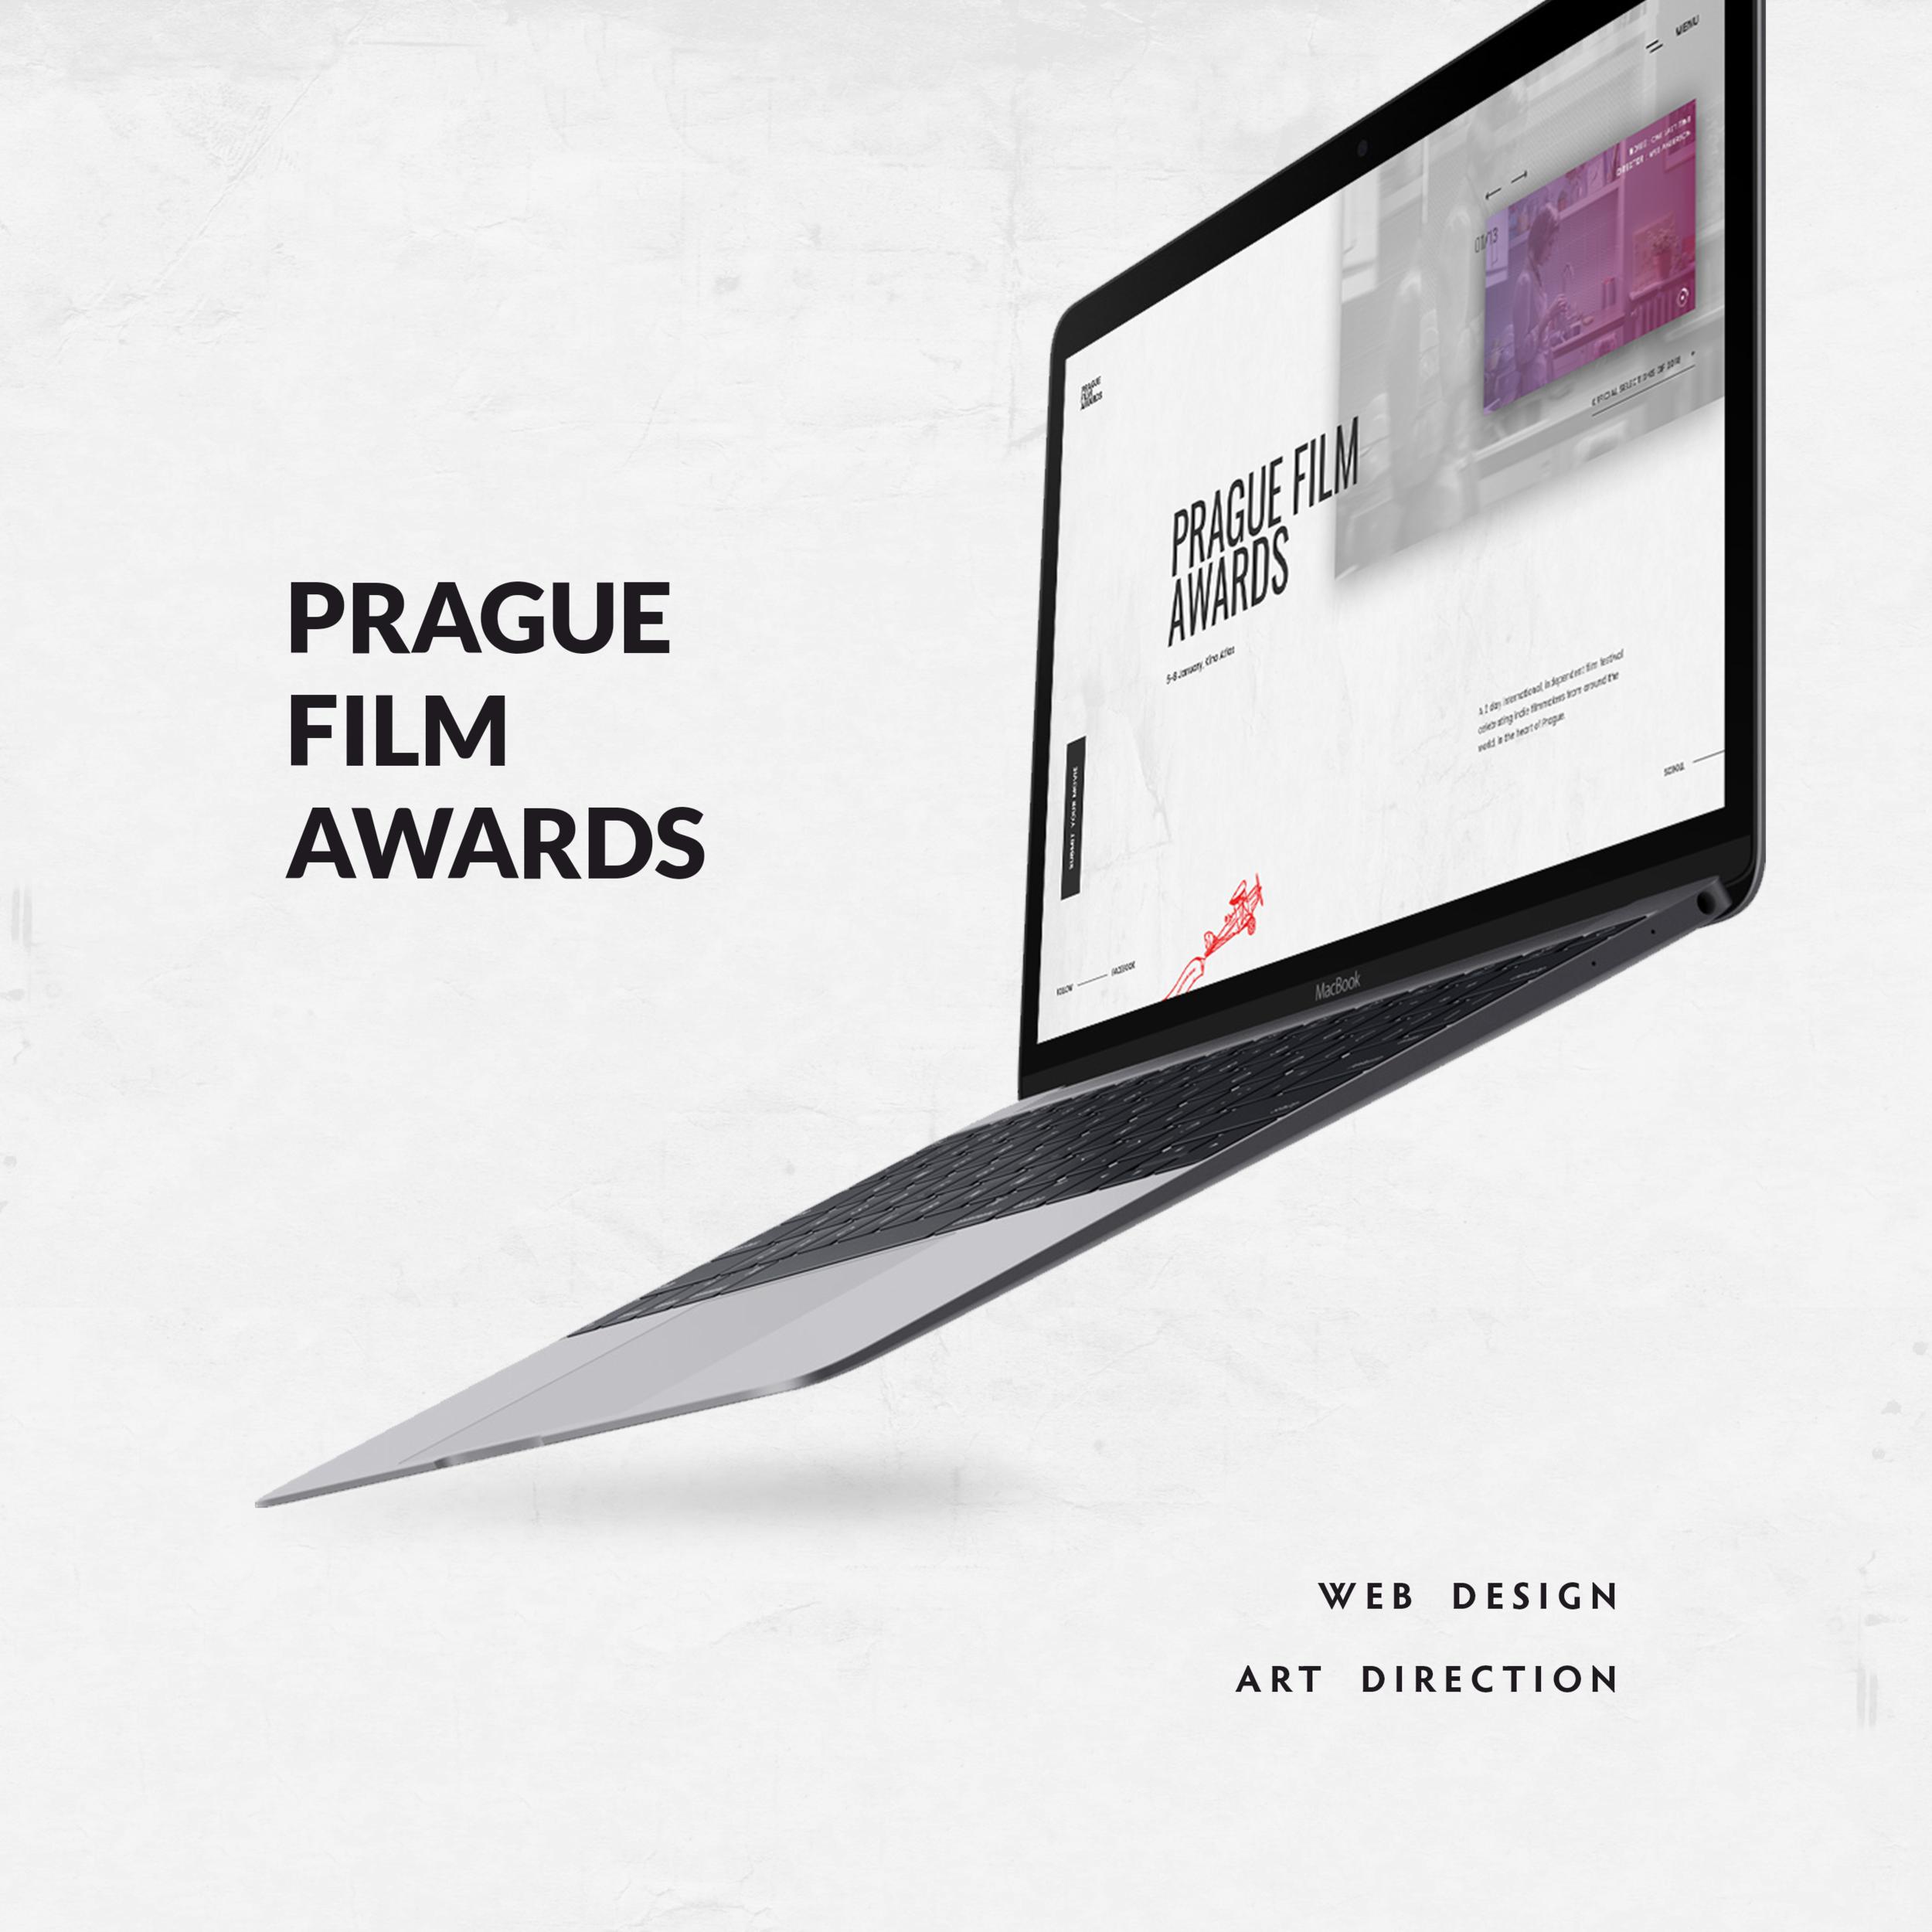 Prague Film Awards